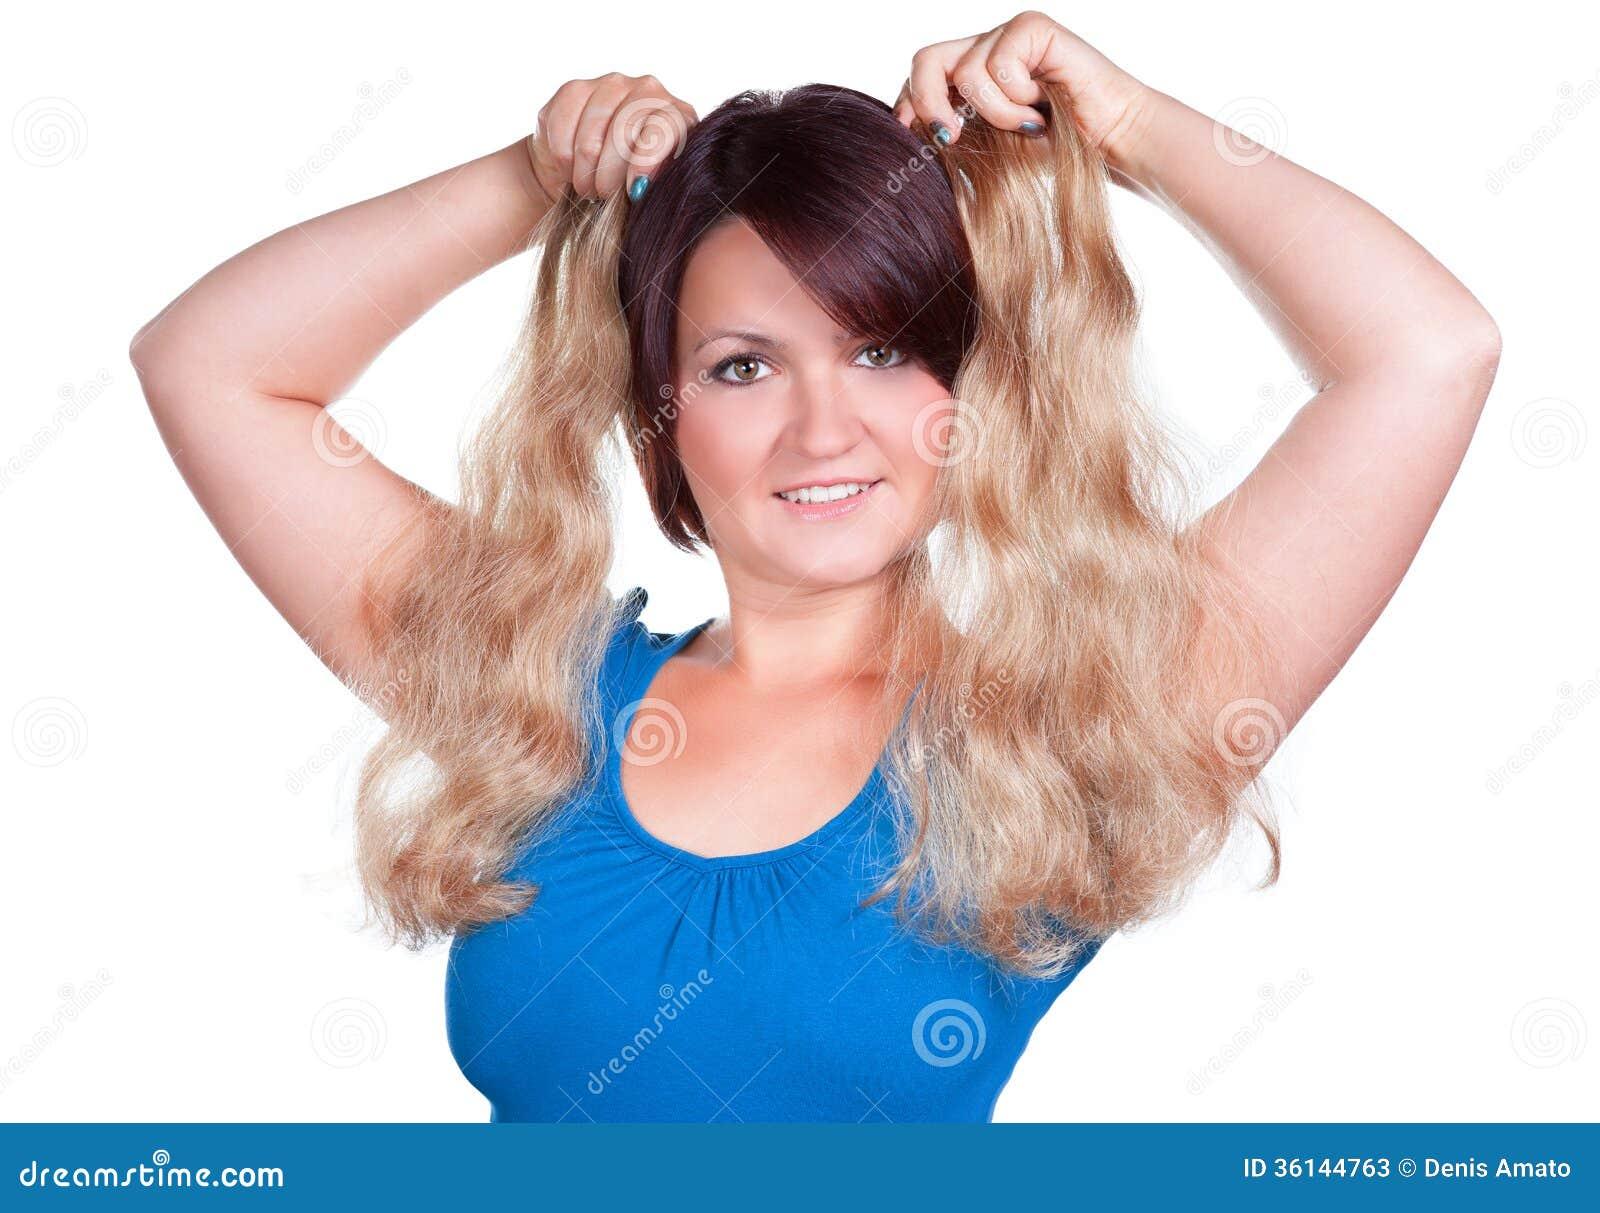 De vrouw kiest de juiste kleur voor uitbreidingen